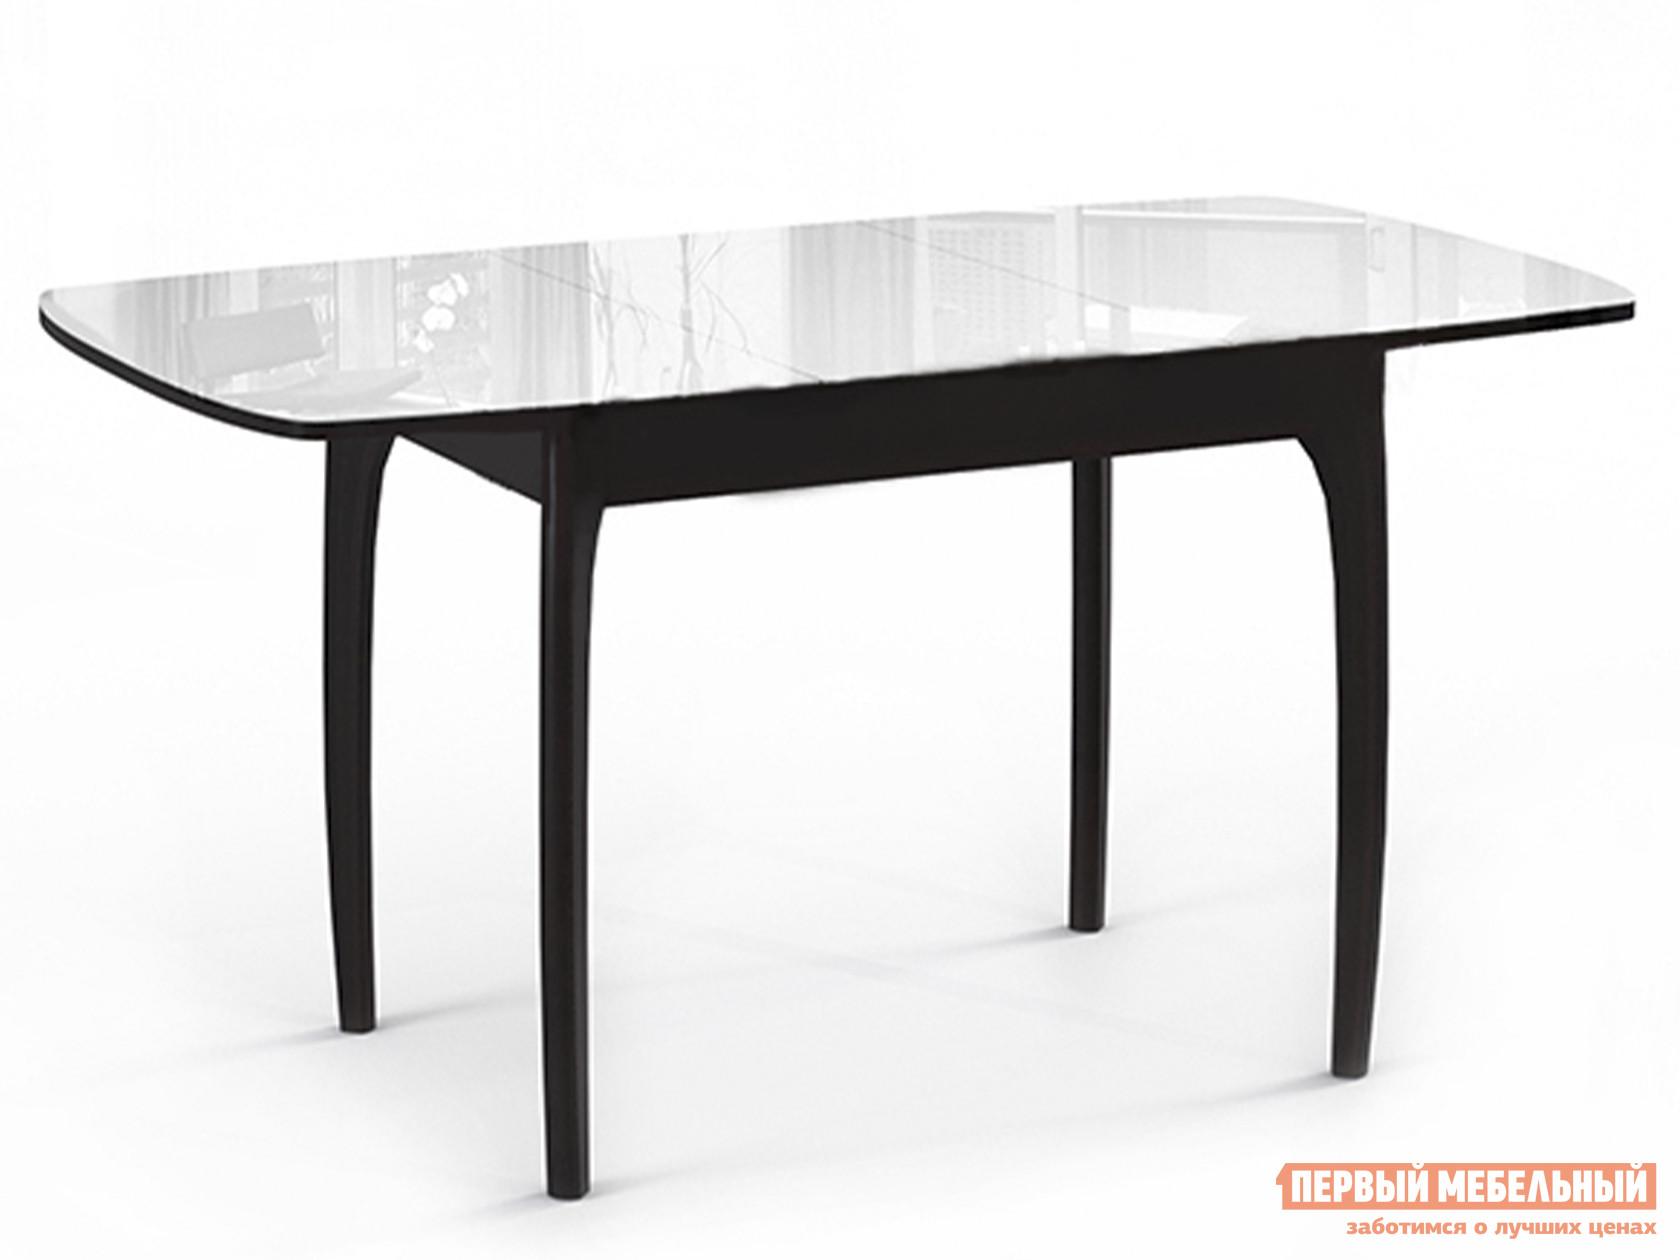 Обеденный стол  М15 ДН4 Венге / Стекло белое